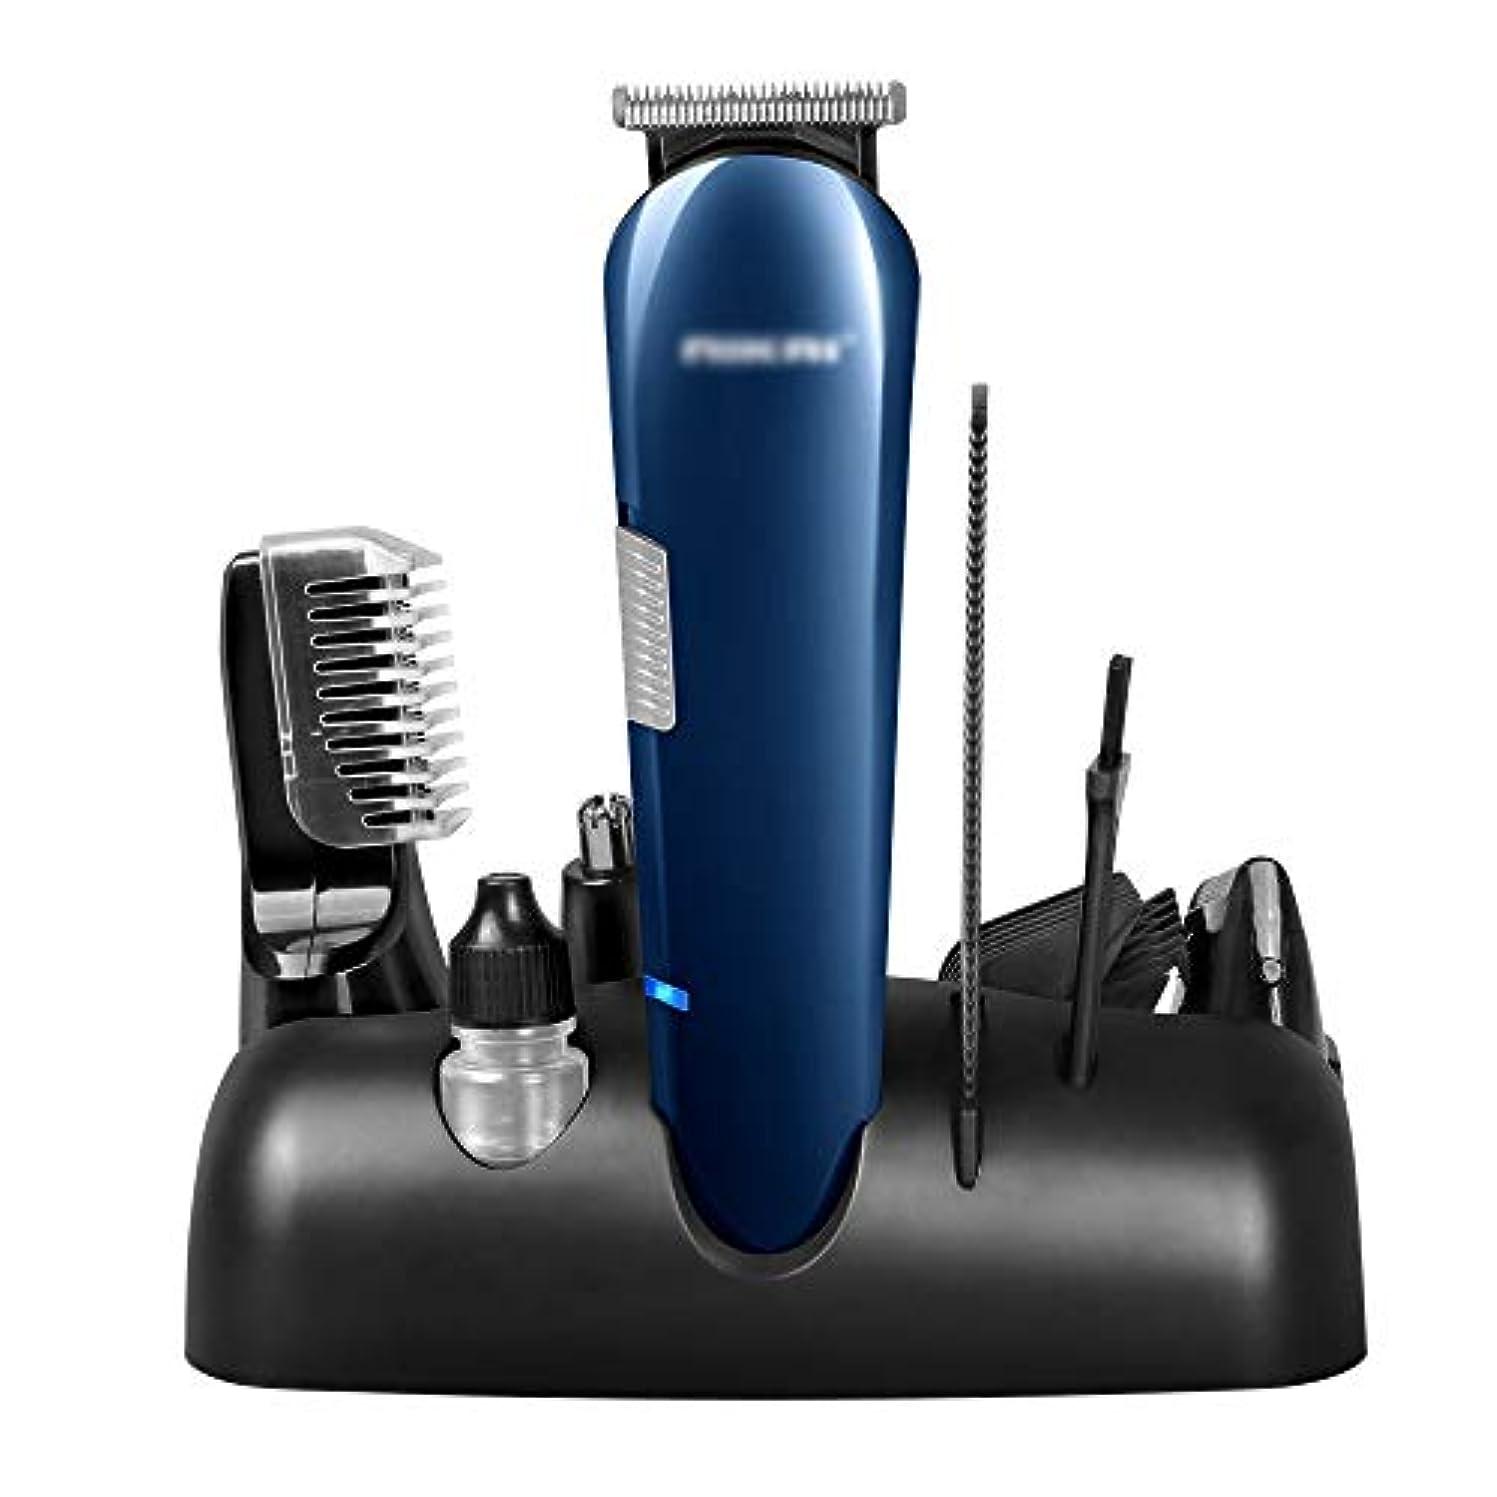 法律によりシールド特徴づけるWAKABAFK 1つの多機能バリカンのヘアカッターのヘアトリマーの毛の打抜き機に付き6つ